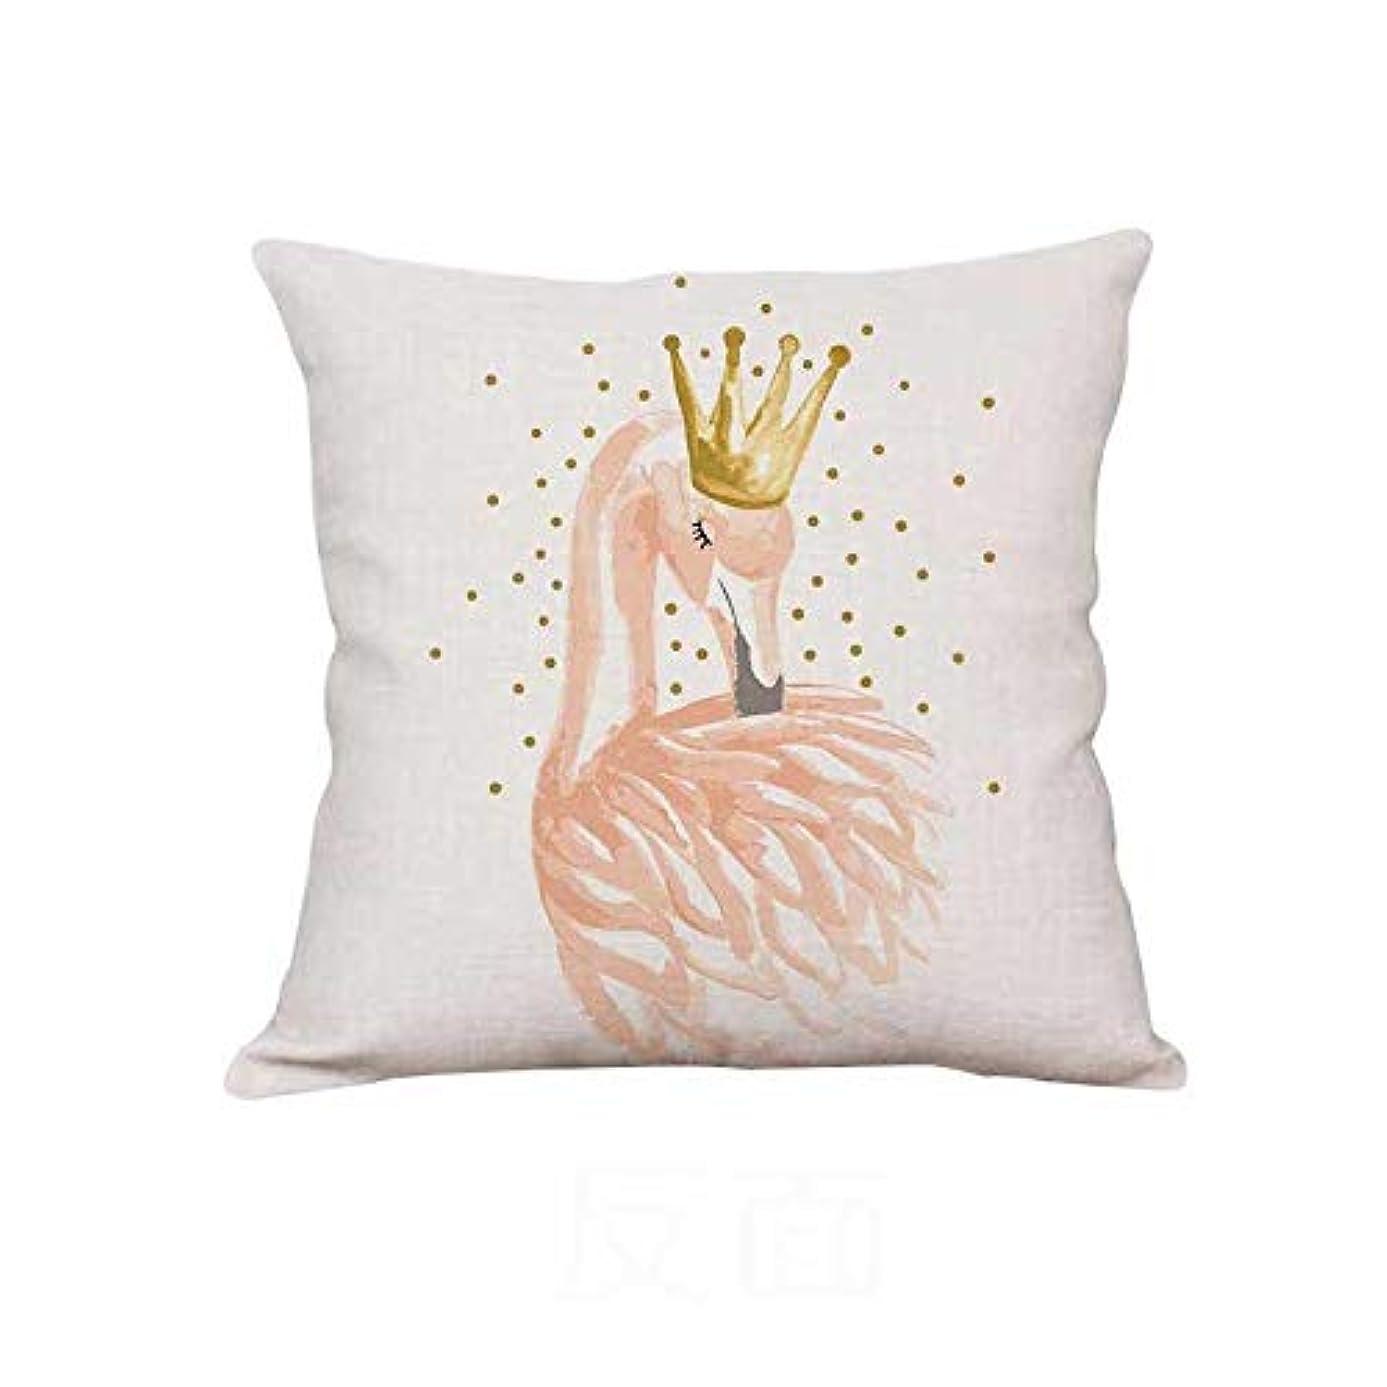 熱意重要などこLIFE 新しいぬいぐるみピンクフラミンゴクッションガチョウの羽風船幾何北欧家の装飾ソファスロー枕用女の子ルーム装飾 クッション 椅子